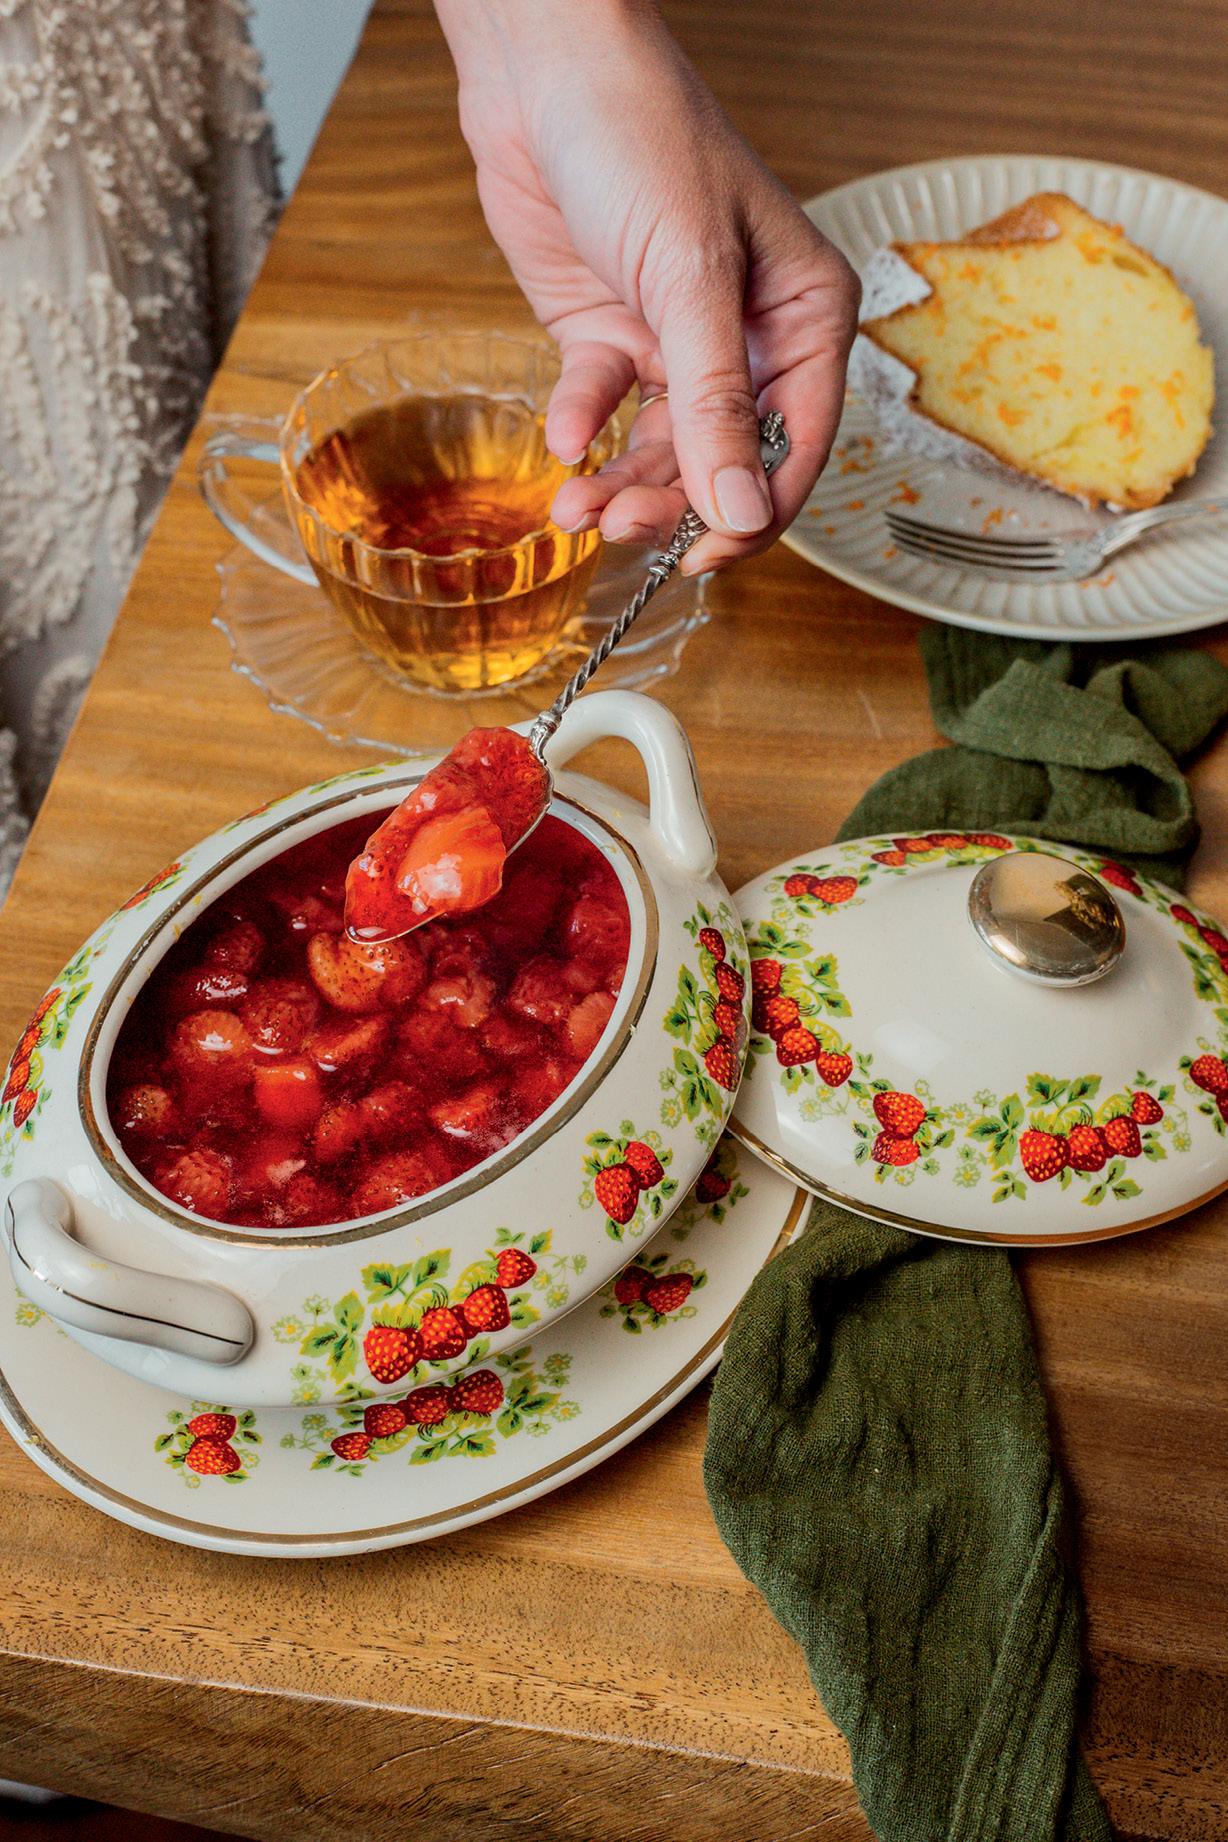 vasilha de louça com calda de morango